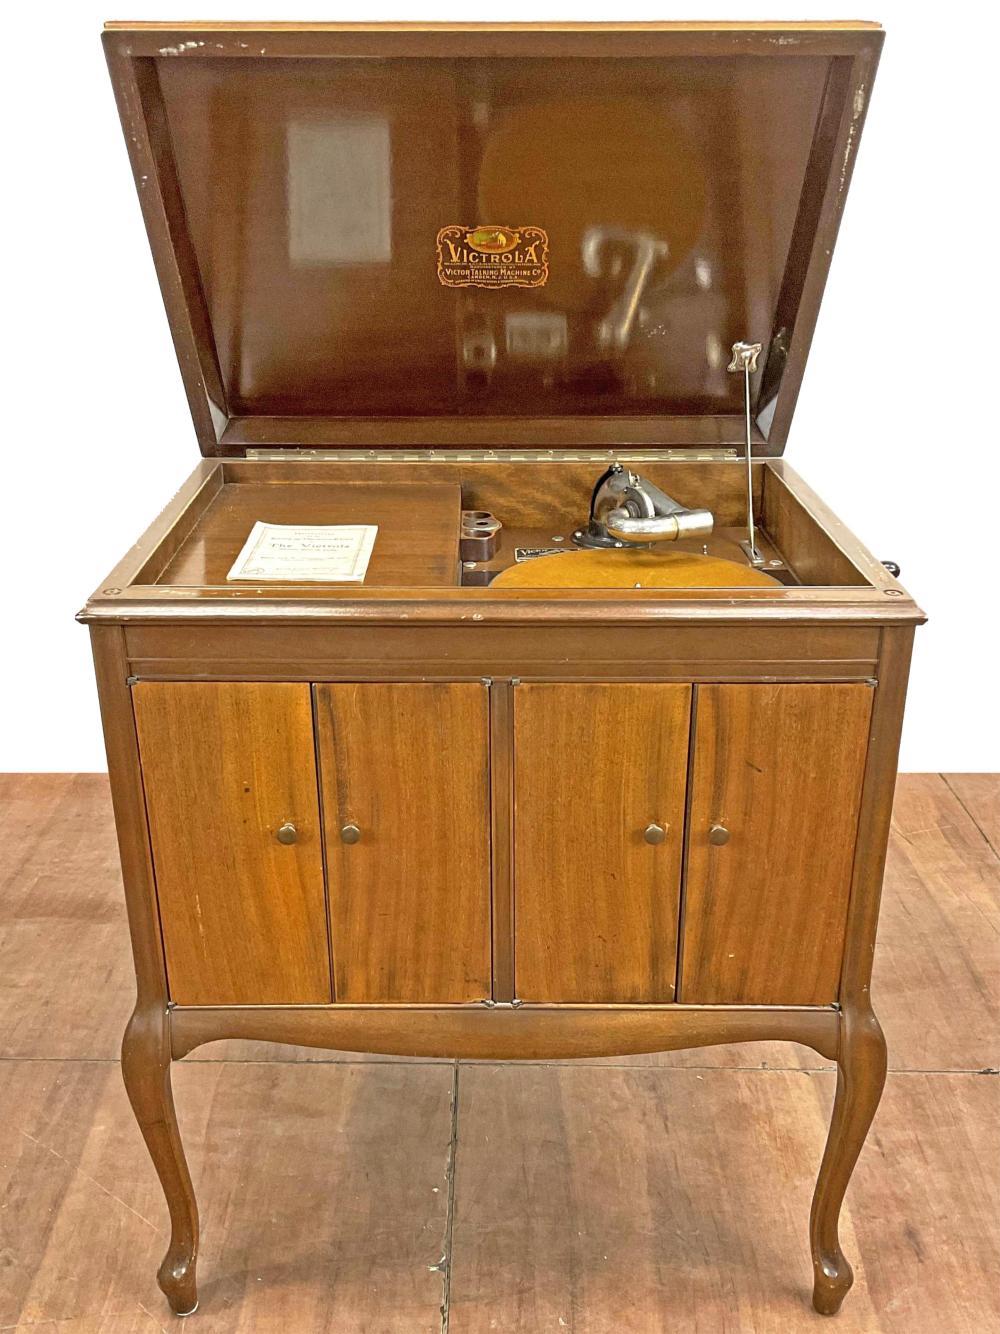 Vintage Victrola Victor Cabinet Phonograph